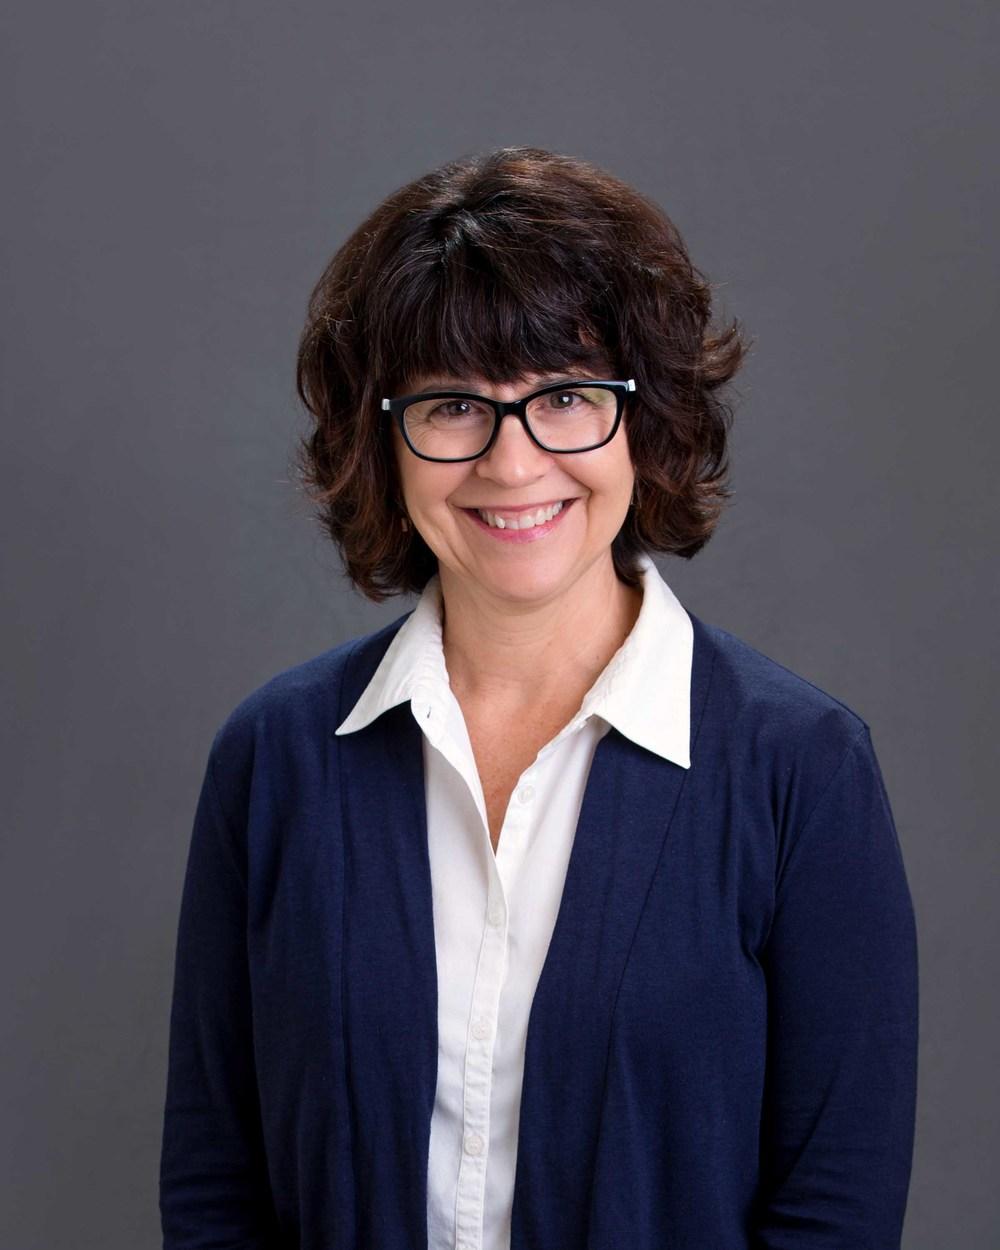 Danette Ivie, Client service specialist